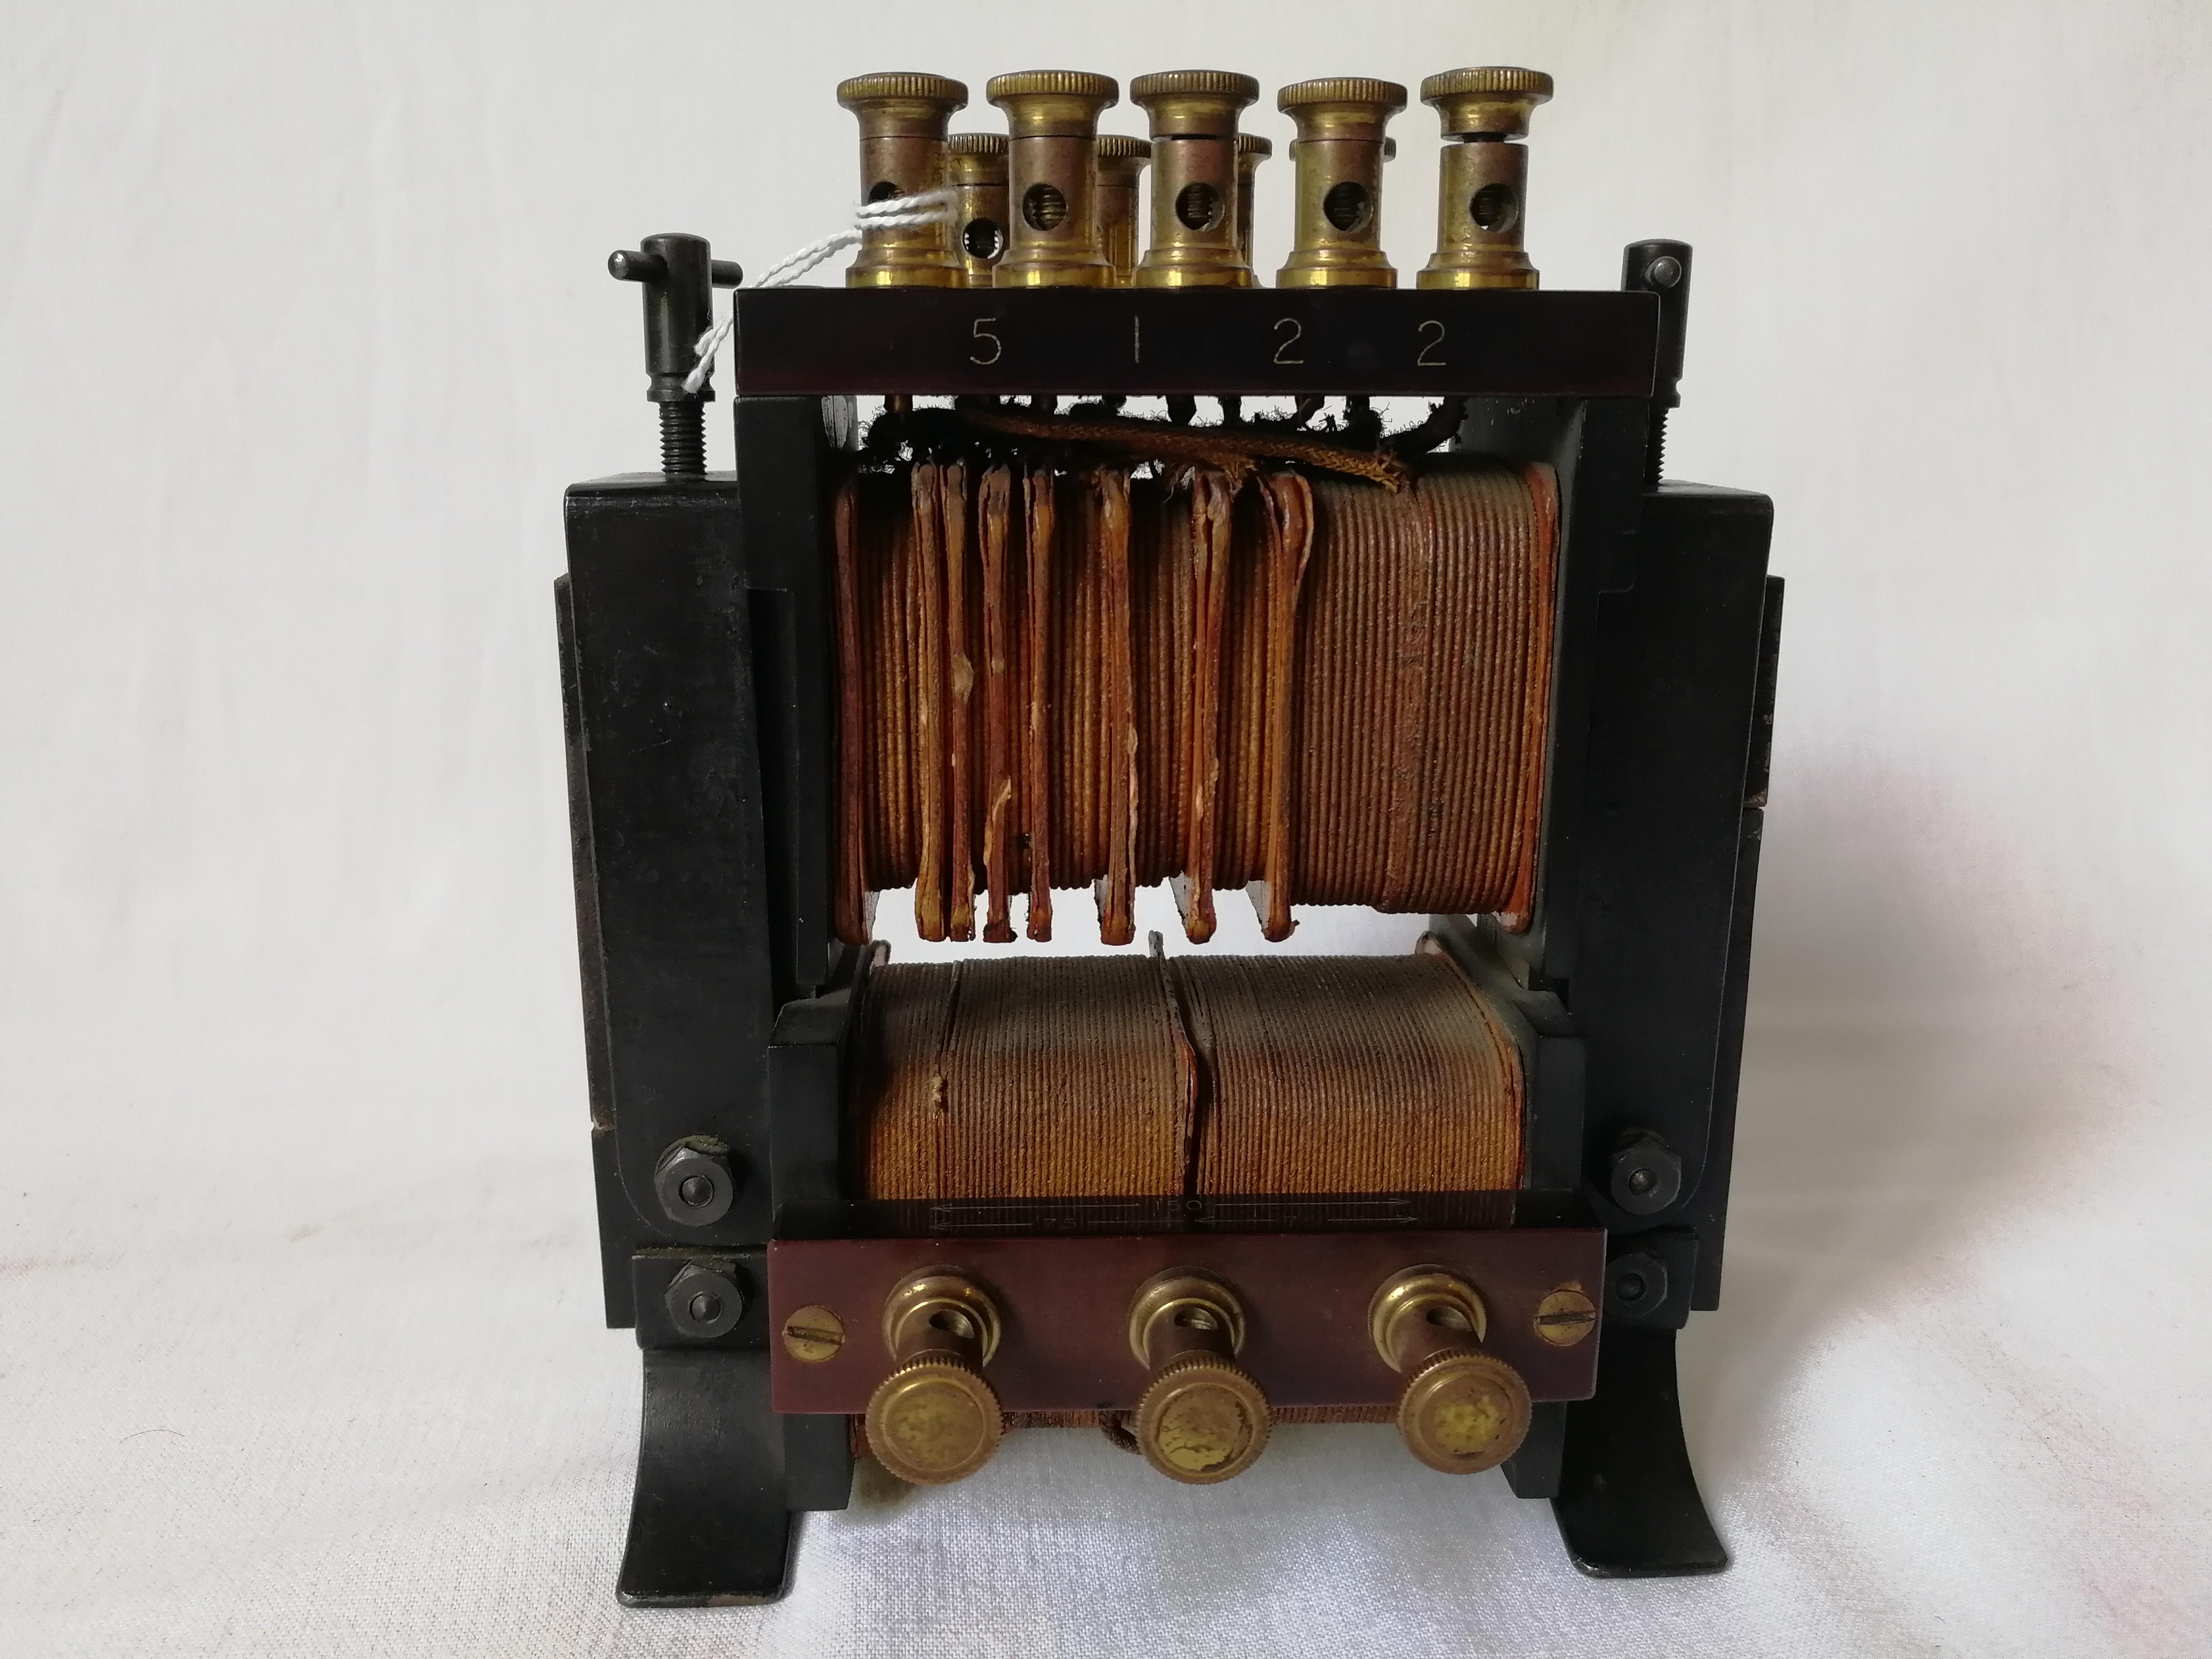 Trasformatore scomponibile funzionante da 1 a 50 volt